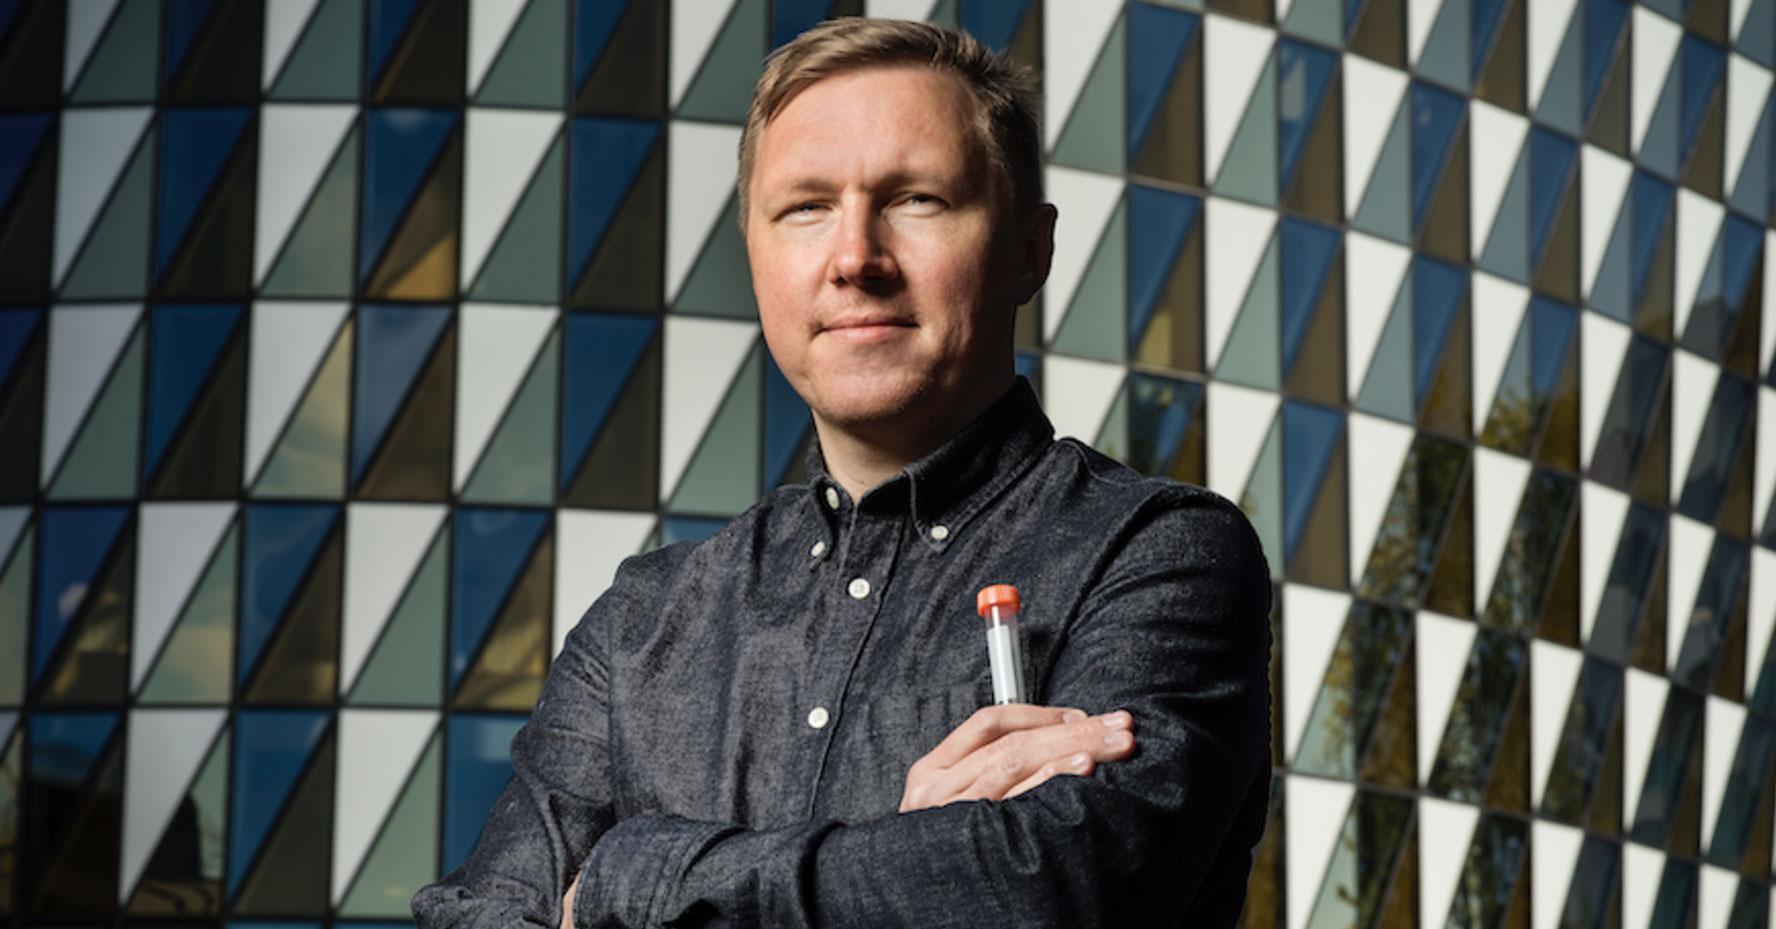 Porträtt av Petter Brodin, barnläkare och docent i immunologi.